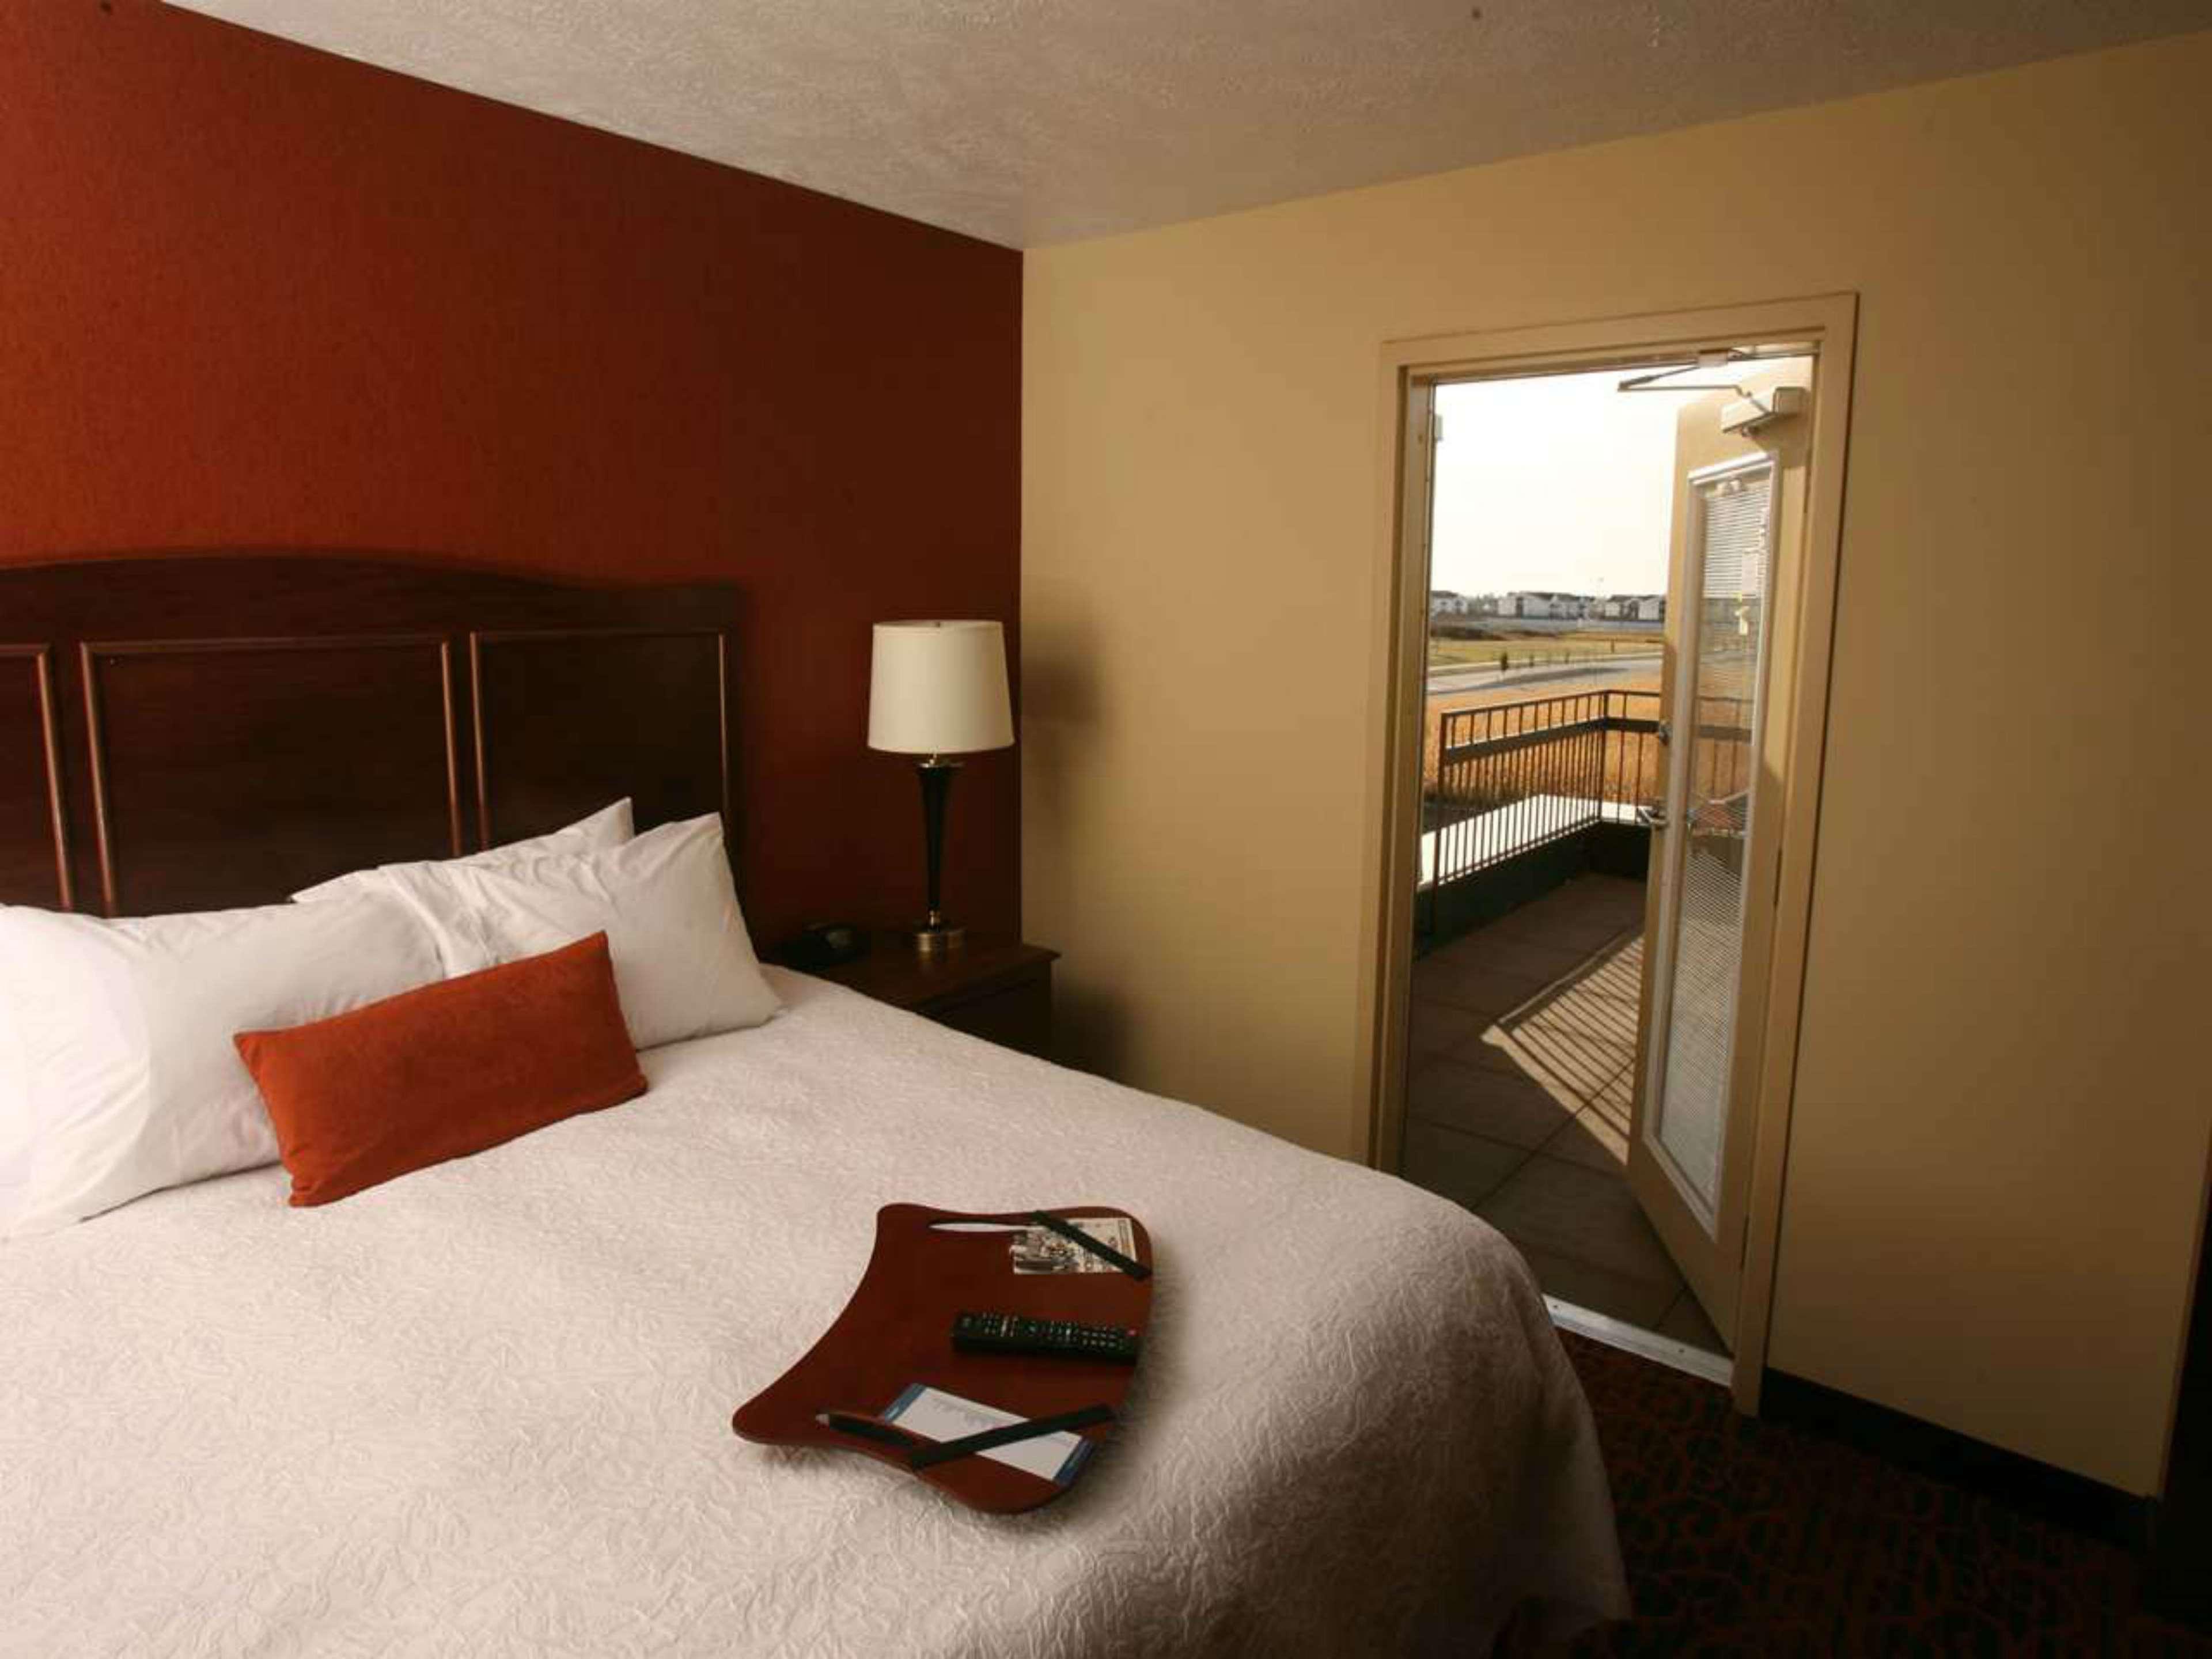 Hampton Inn & Suites Fargo image 25